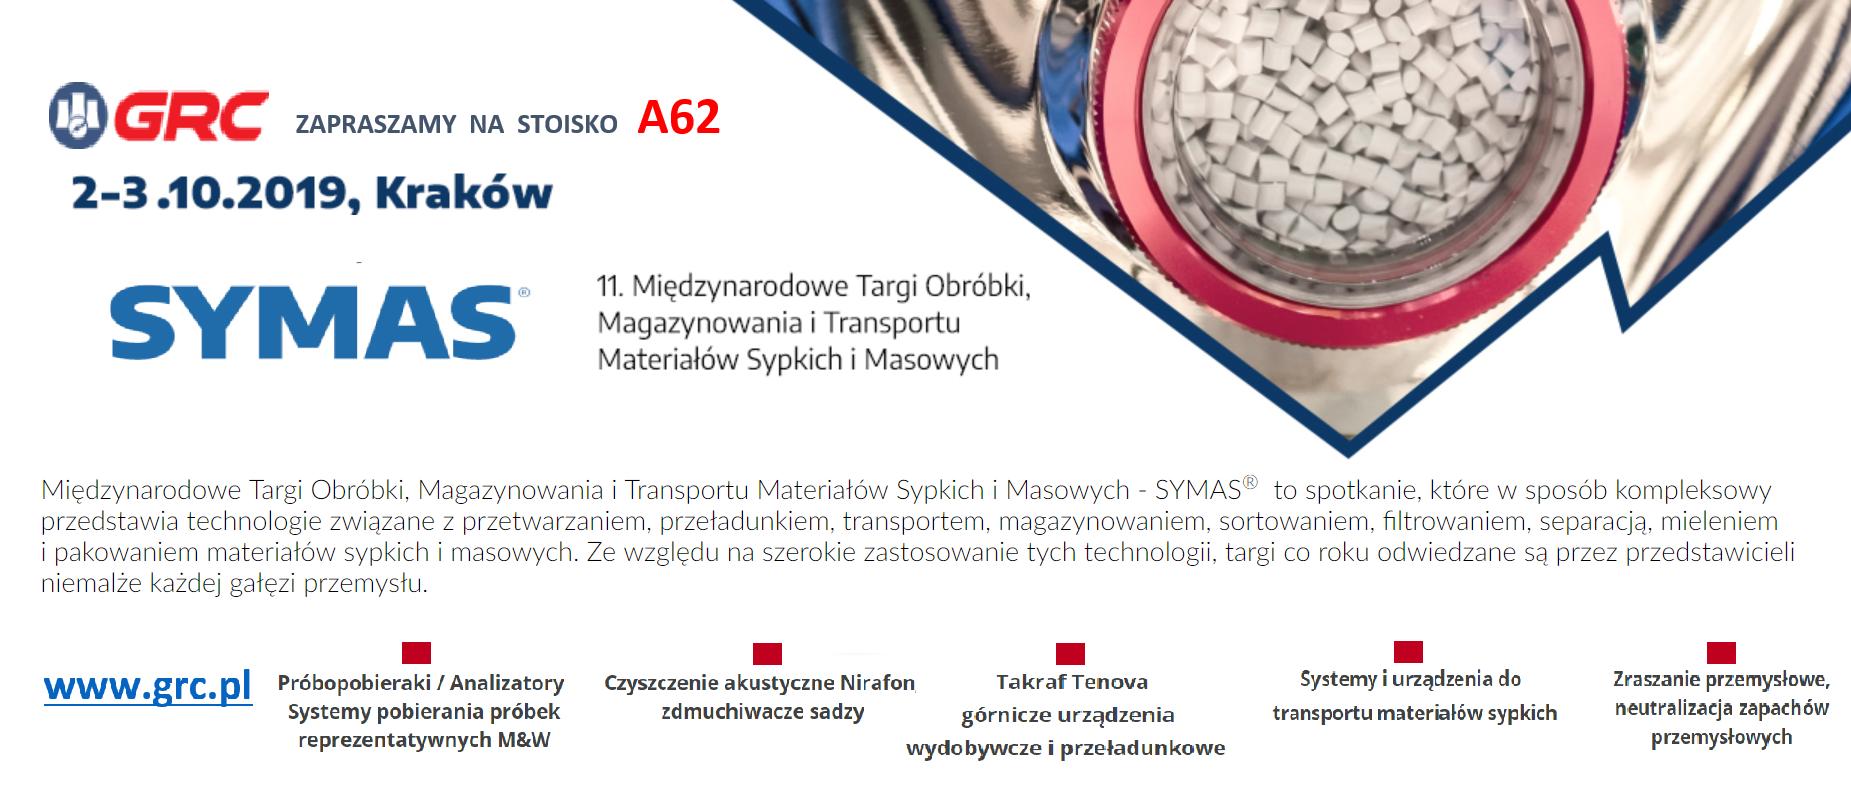 GRC na targach SYMAS, Kraków 2-3.10.2019